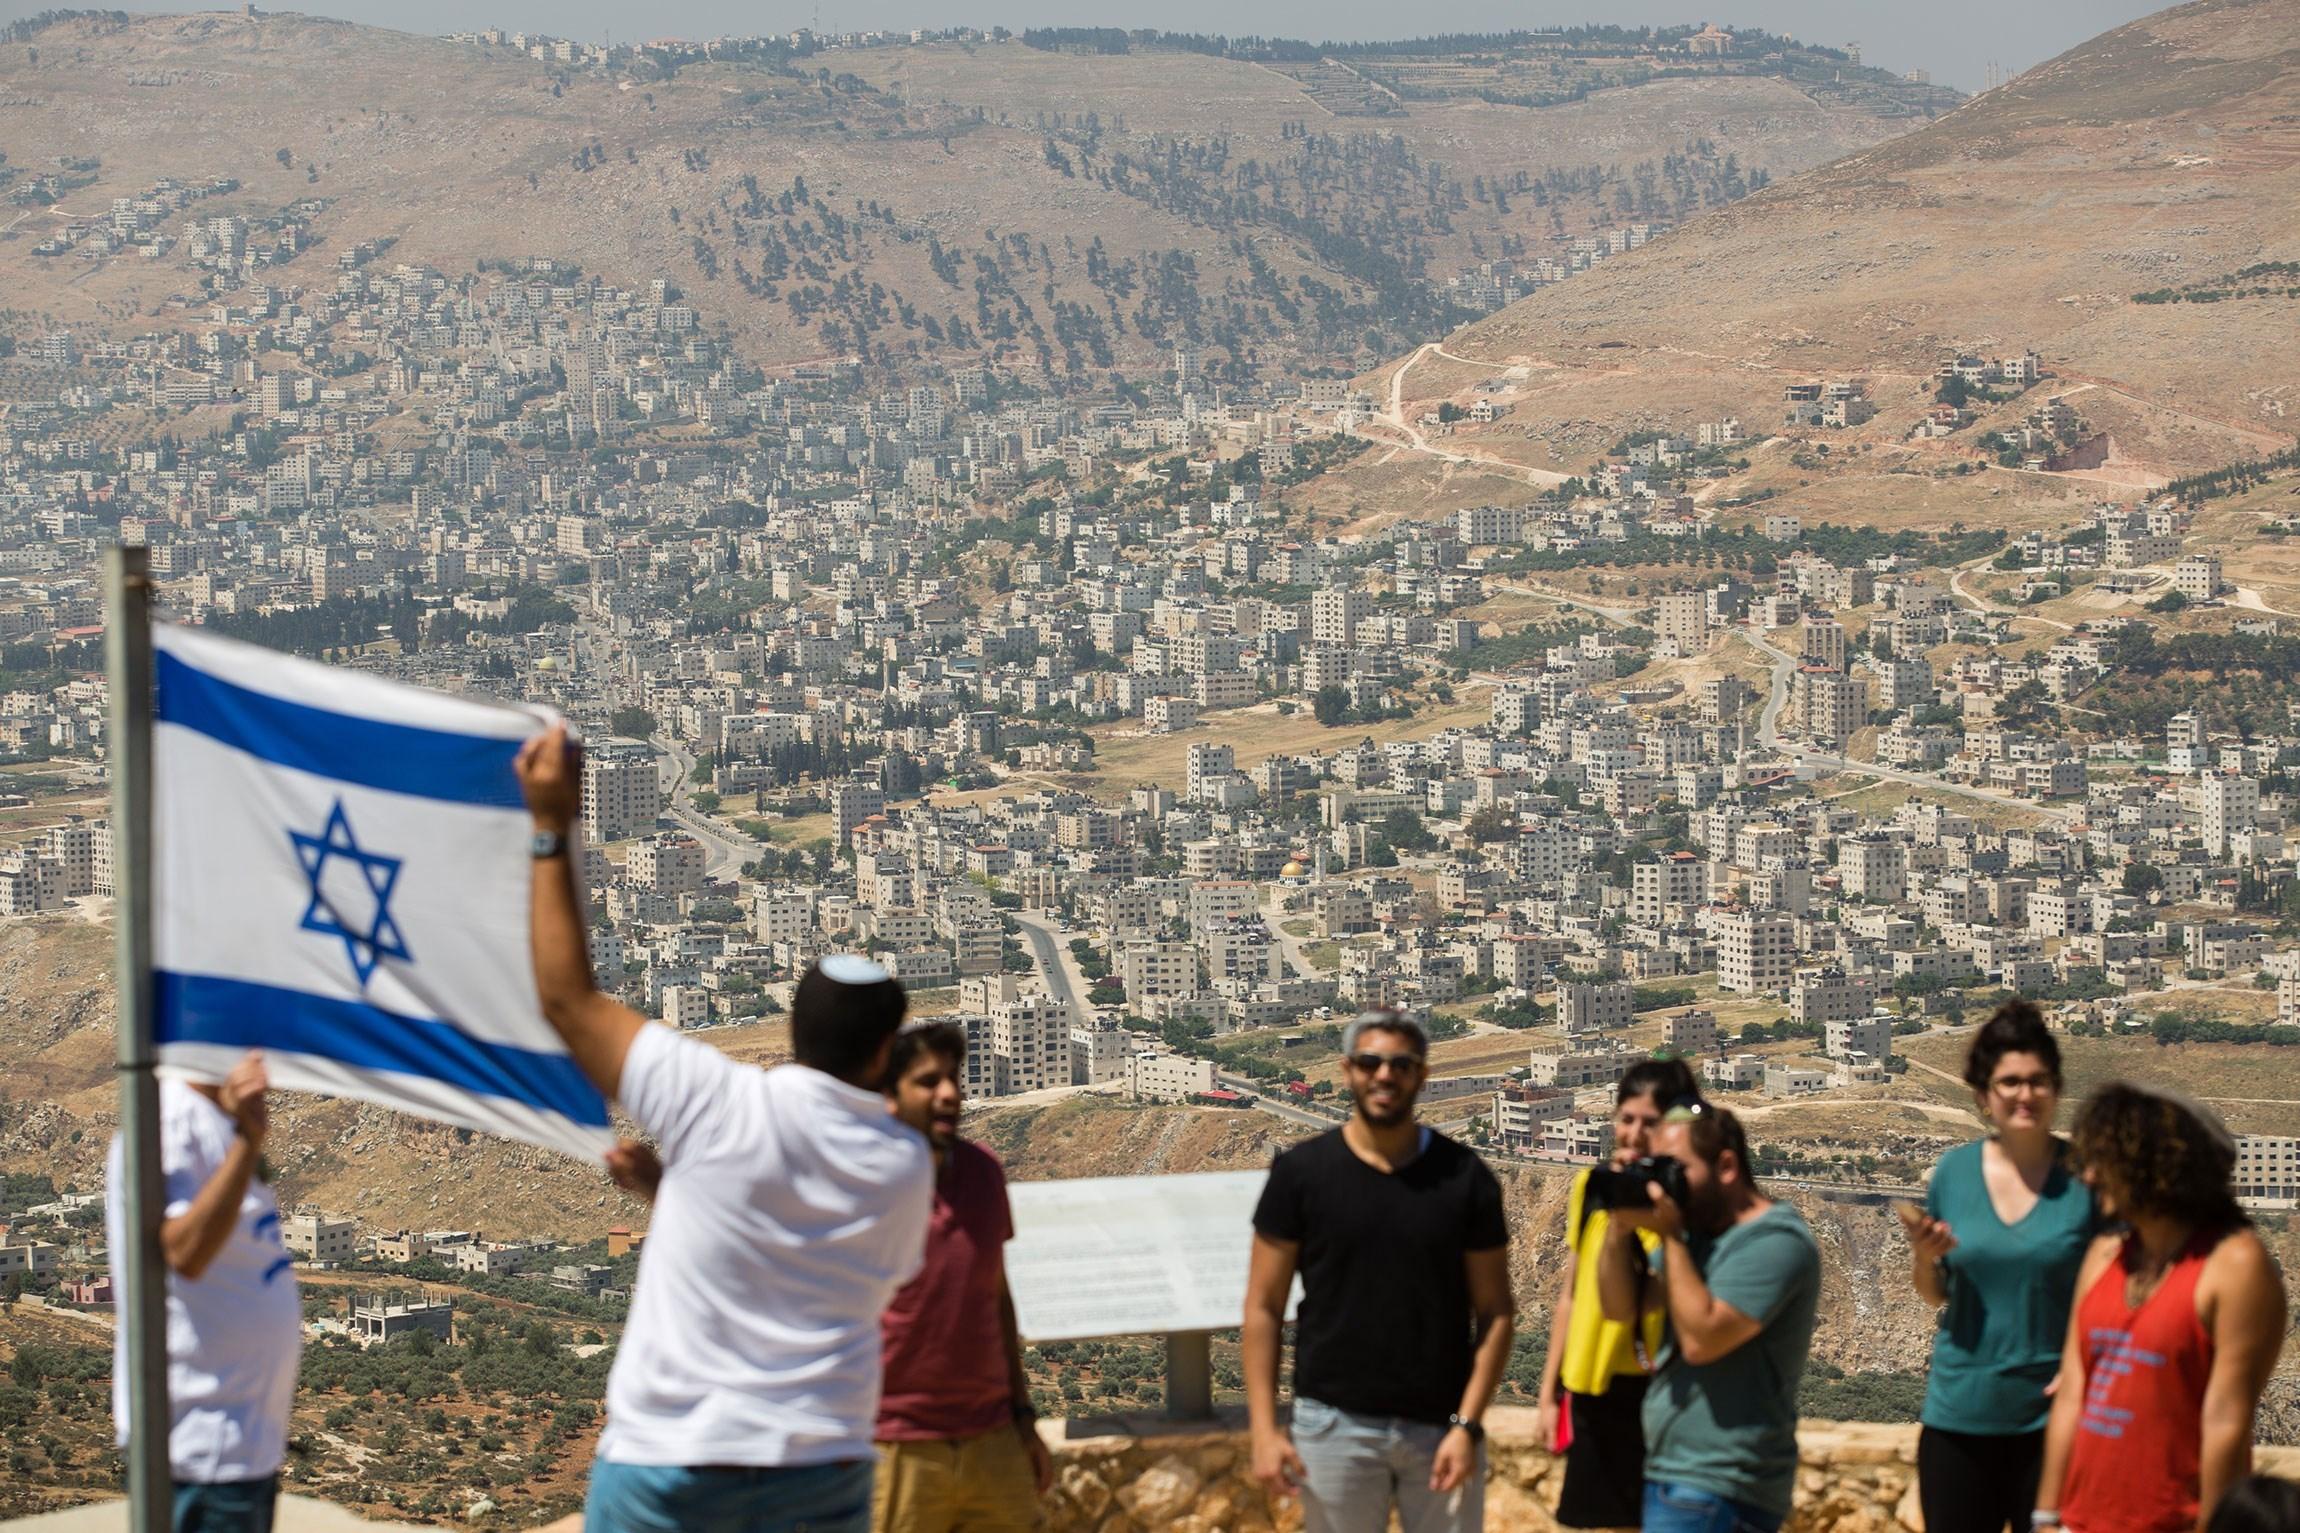 تقرير إسرائيلي: إيران قد تصعّد عسكرياً نتيجة العقوبات